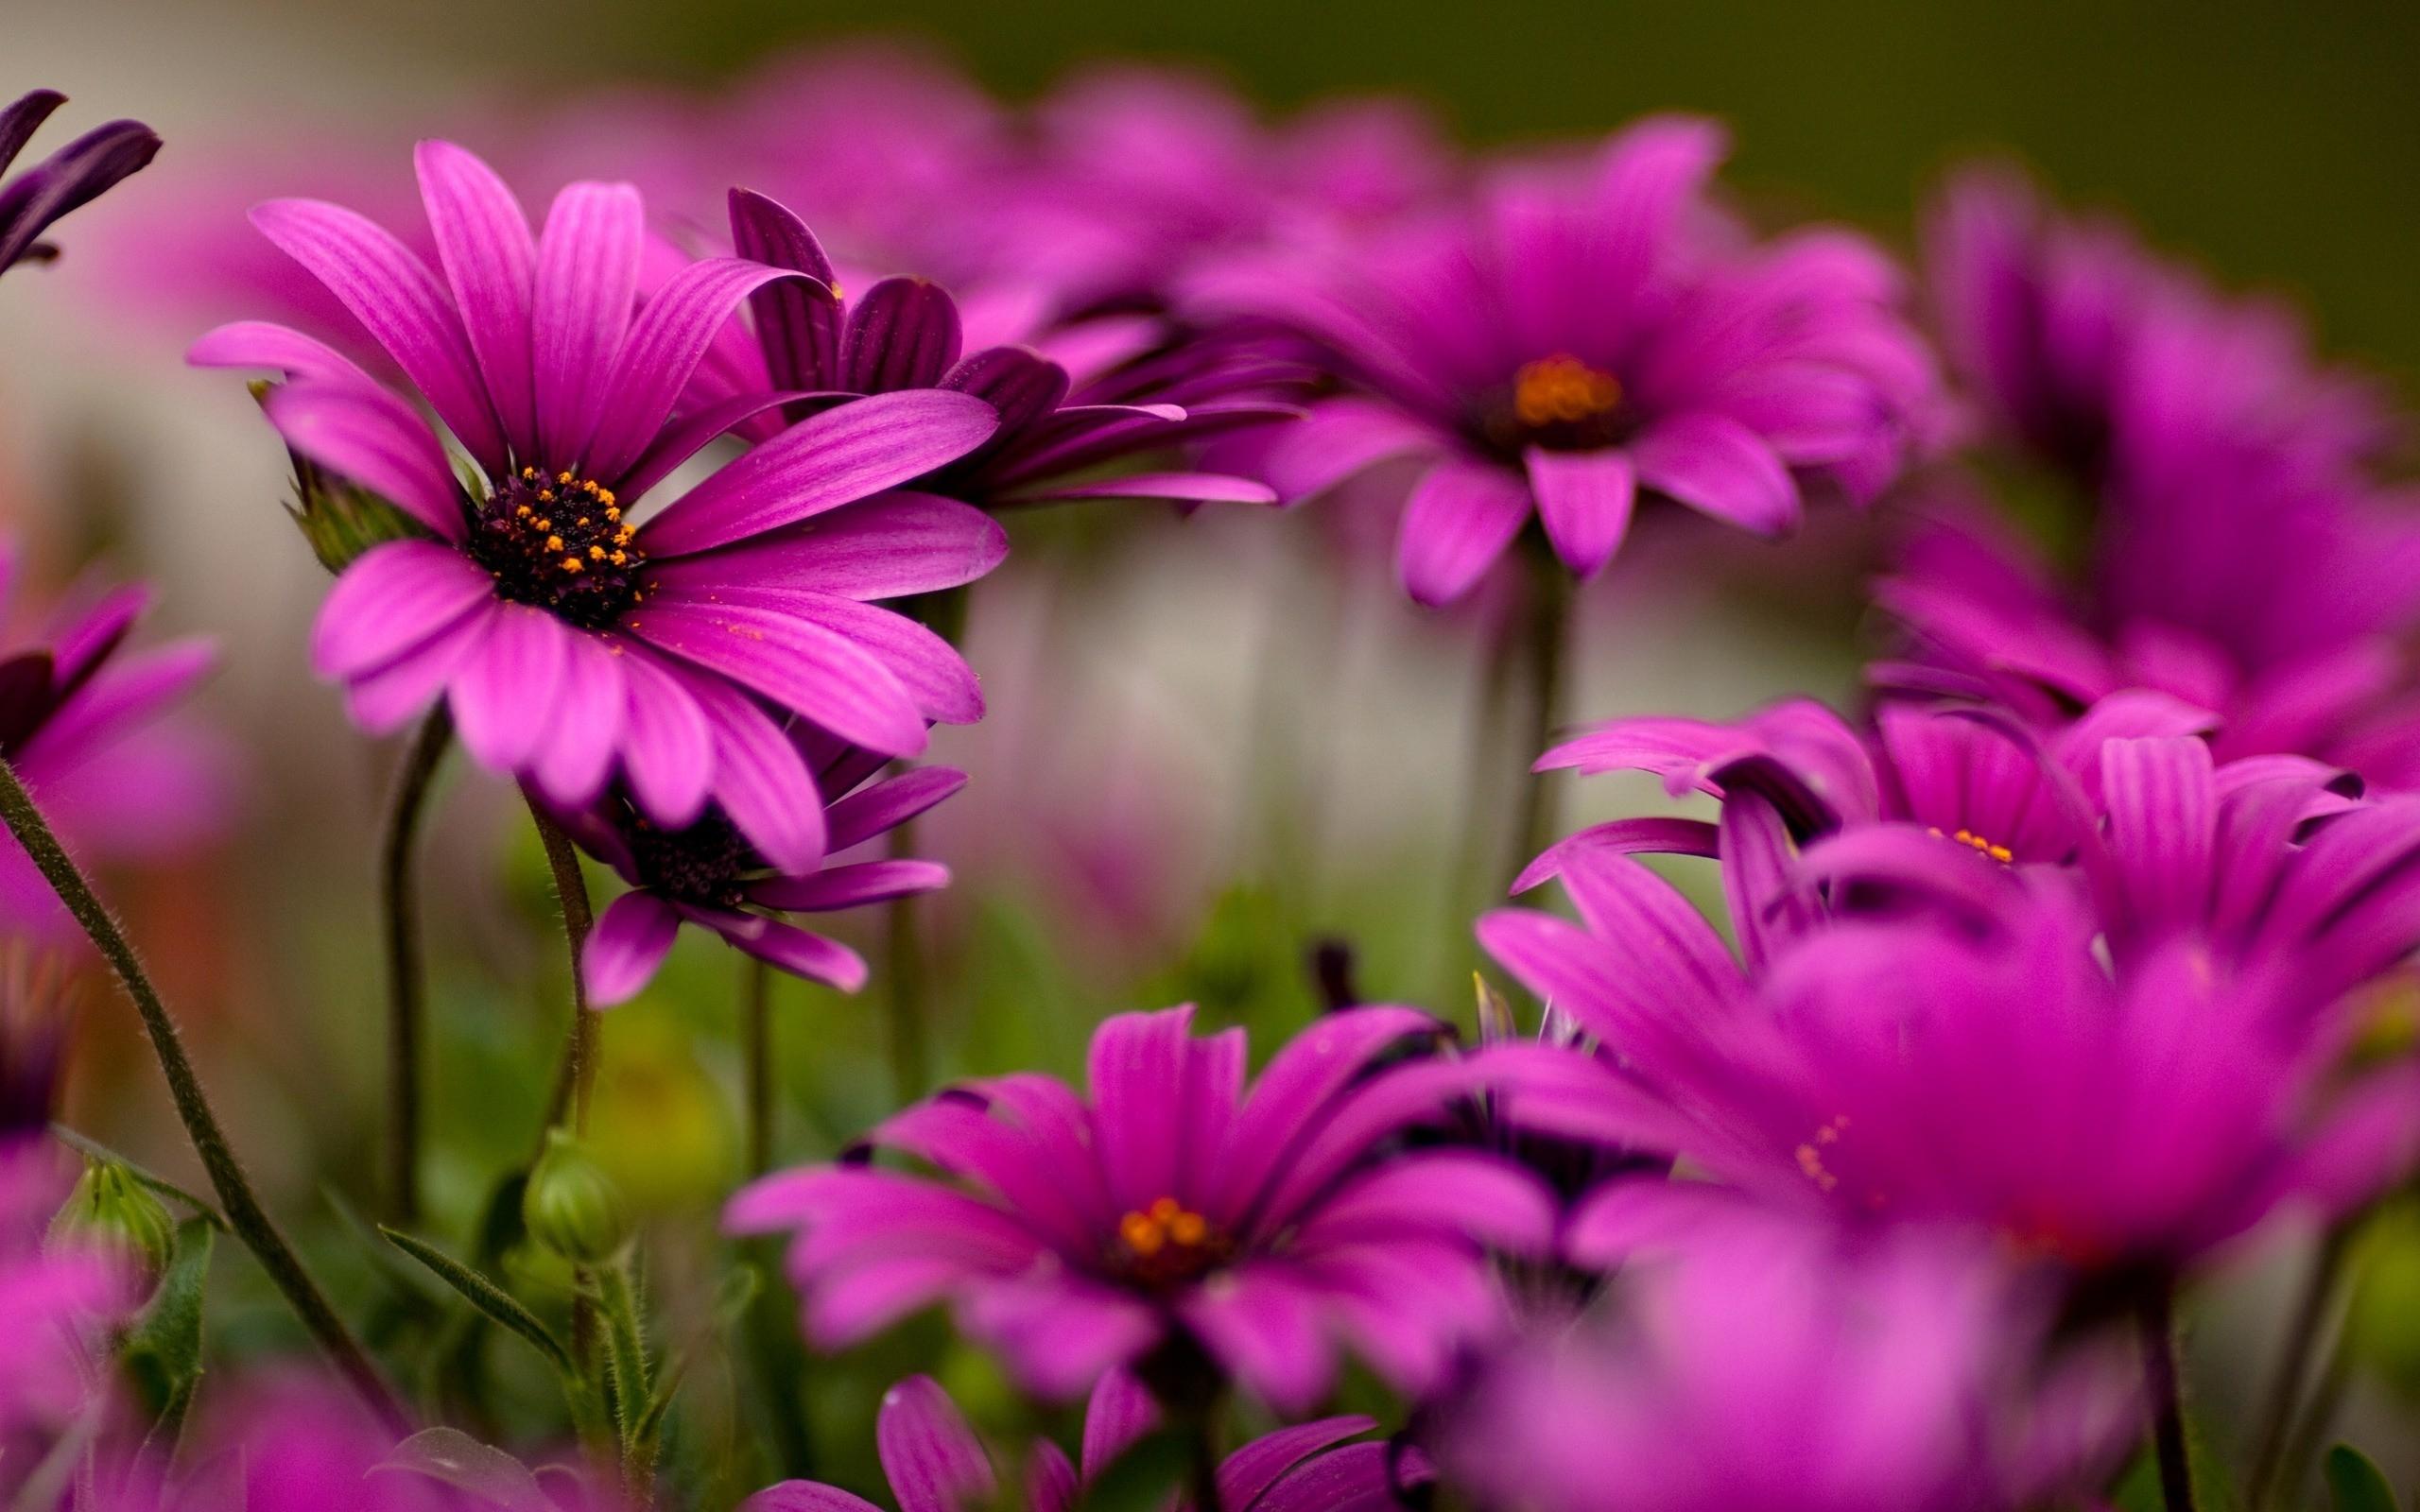 Flores moradas bellas - 2560x1600